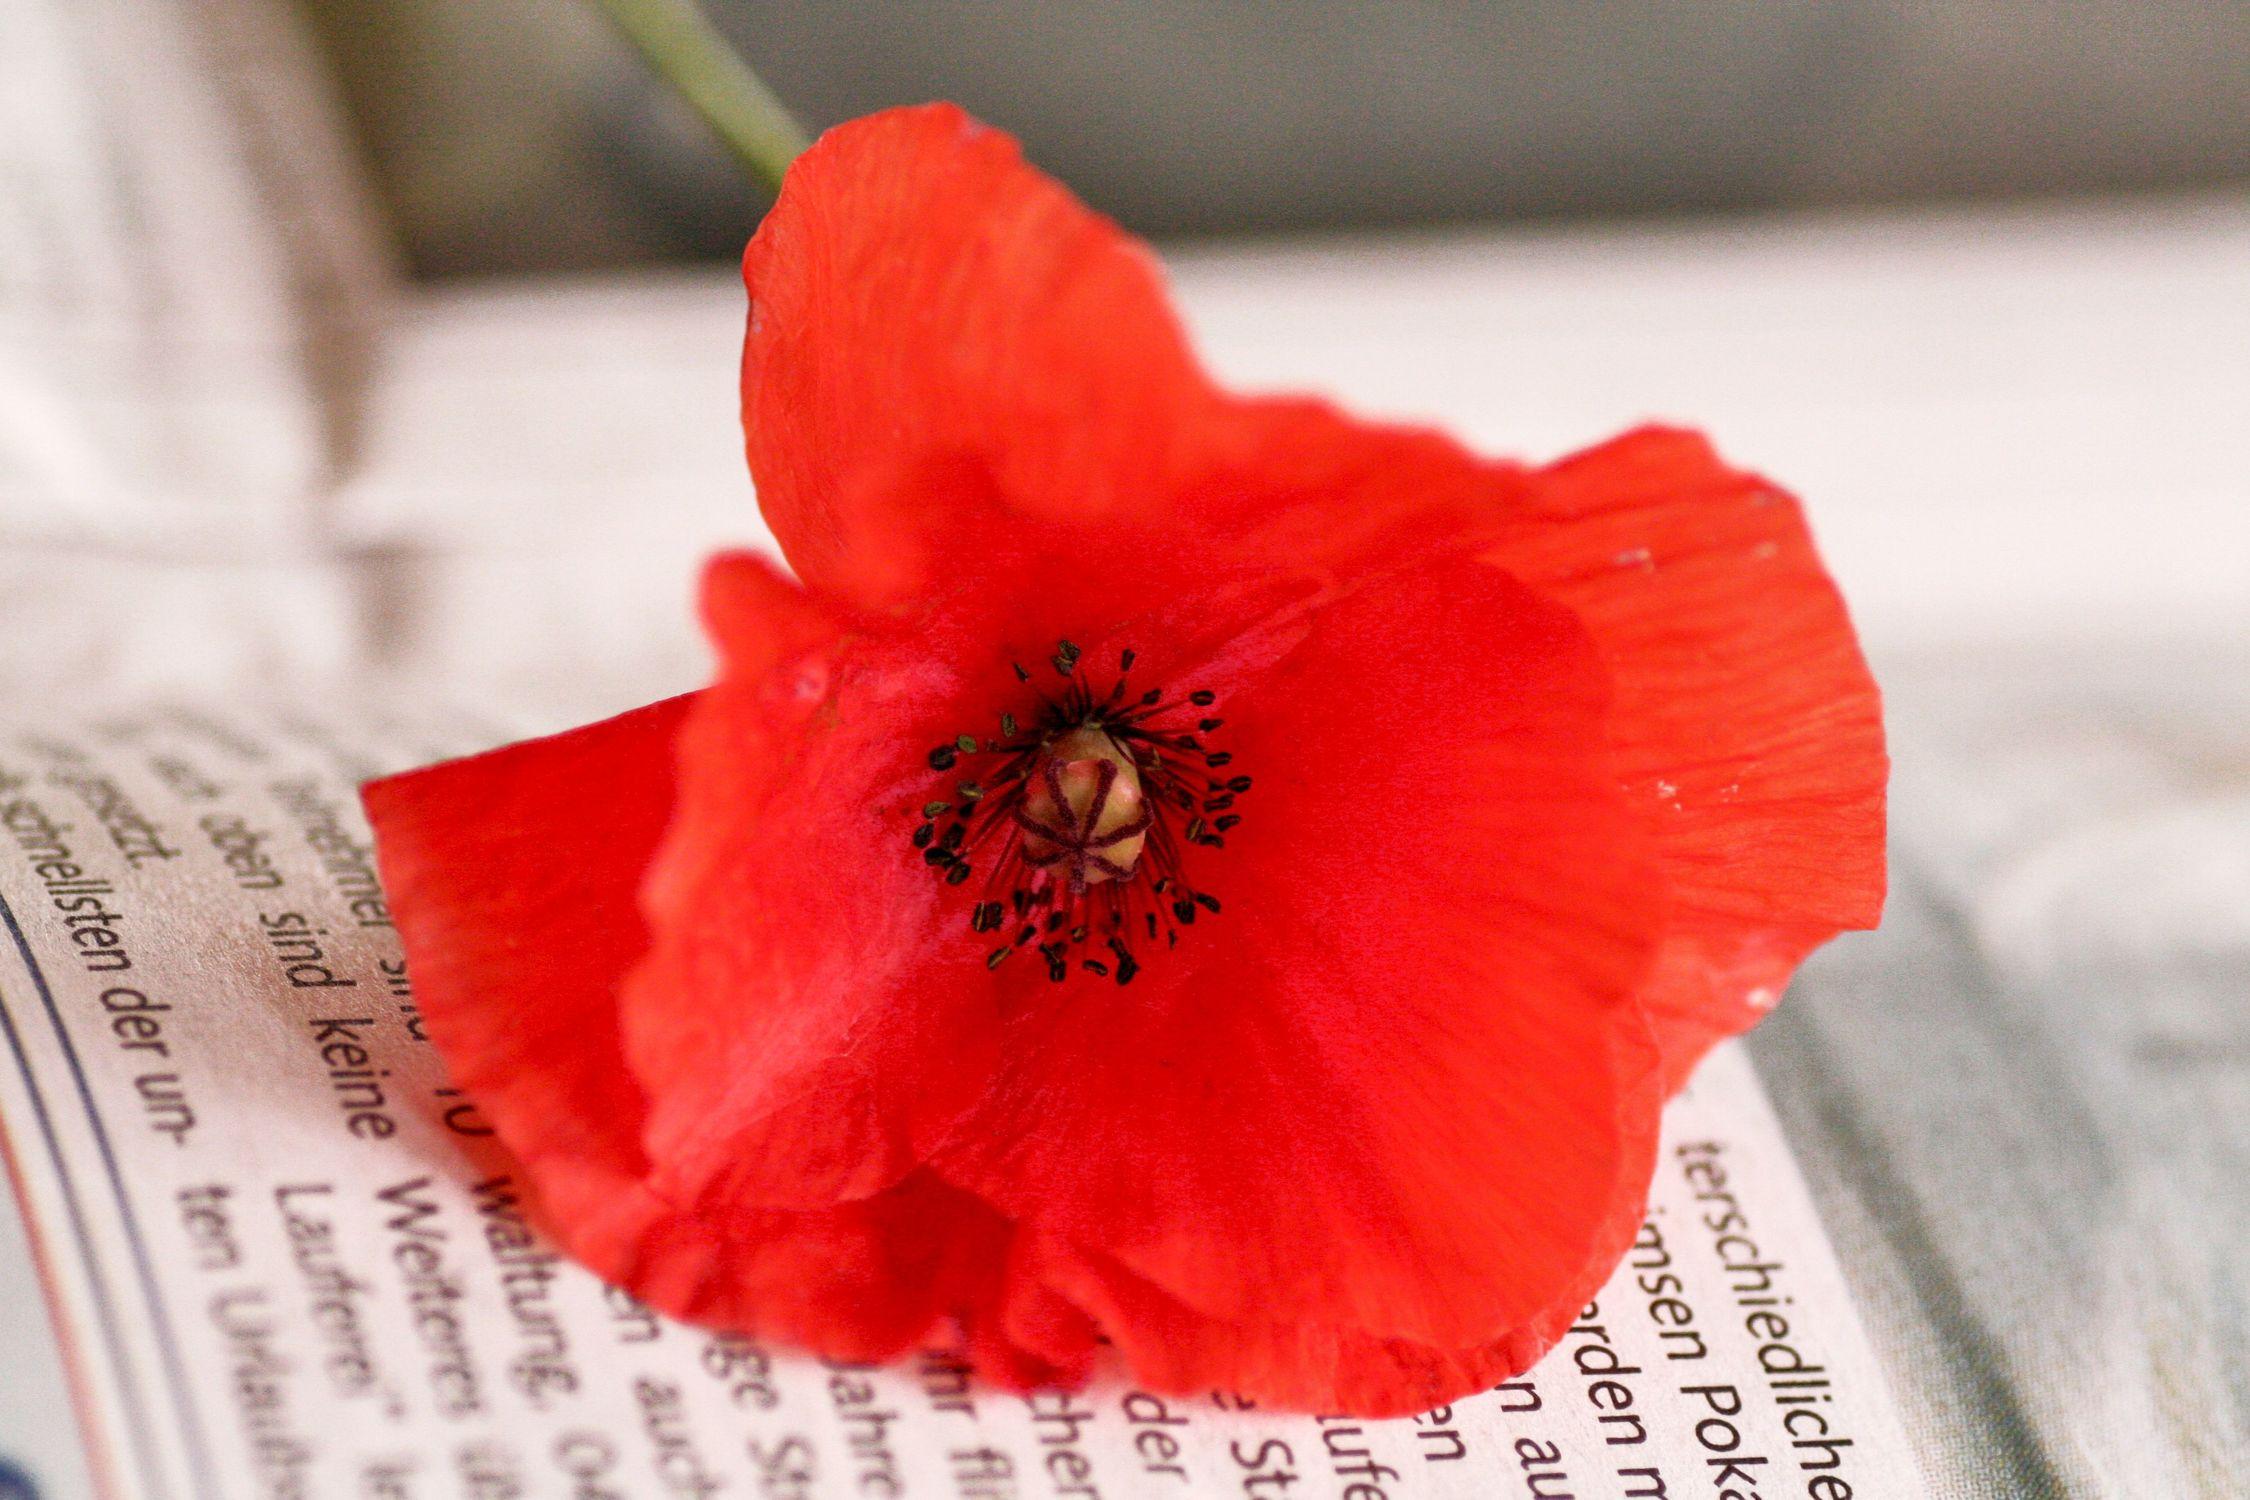 Bild mit Farben, Natur, Pflanzen, Blumen, Weiß, Rot, Mohn, Pflanze, Mohnblume, Mohneblumen, Poppy, Poppies, Mohnpflanze, Klatschmohn, Klatschrose, Papaver, Mohngewächse, Papaveraceae, Mohnblume auf einer Zeitung